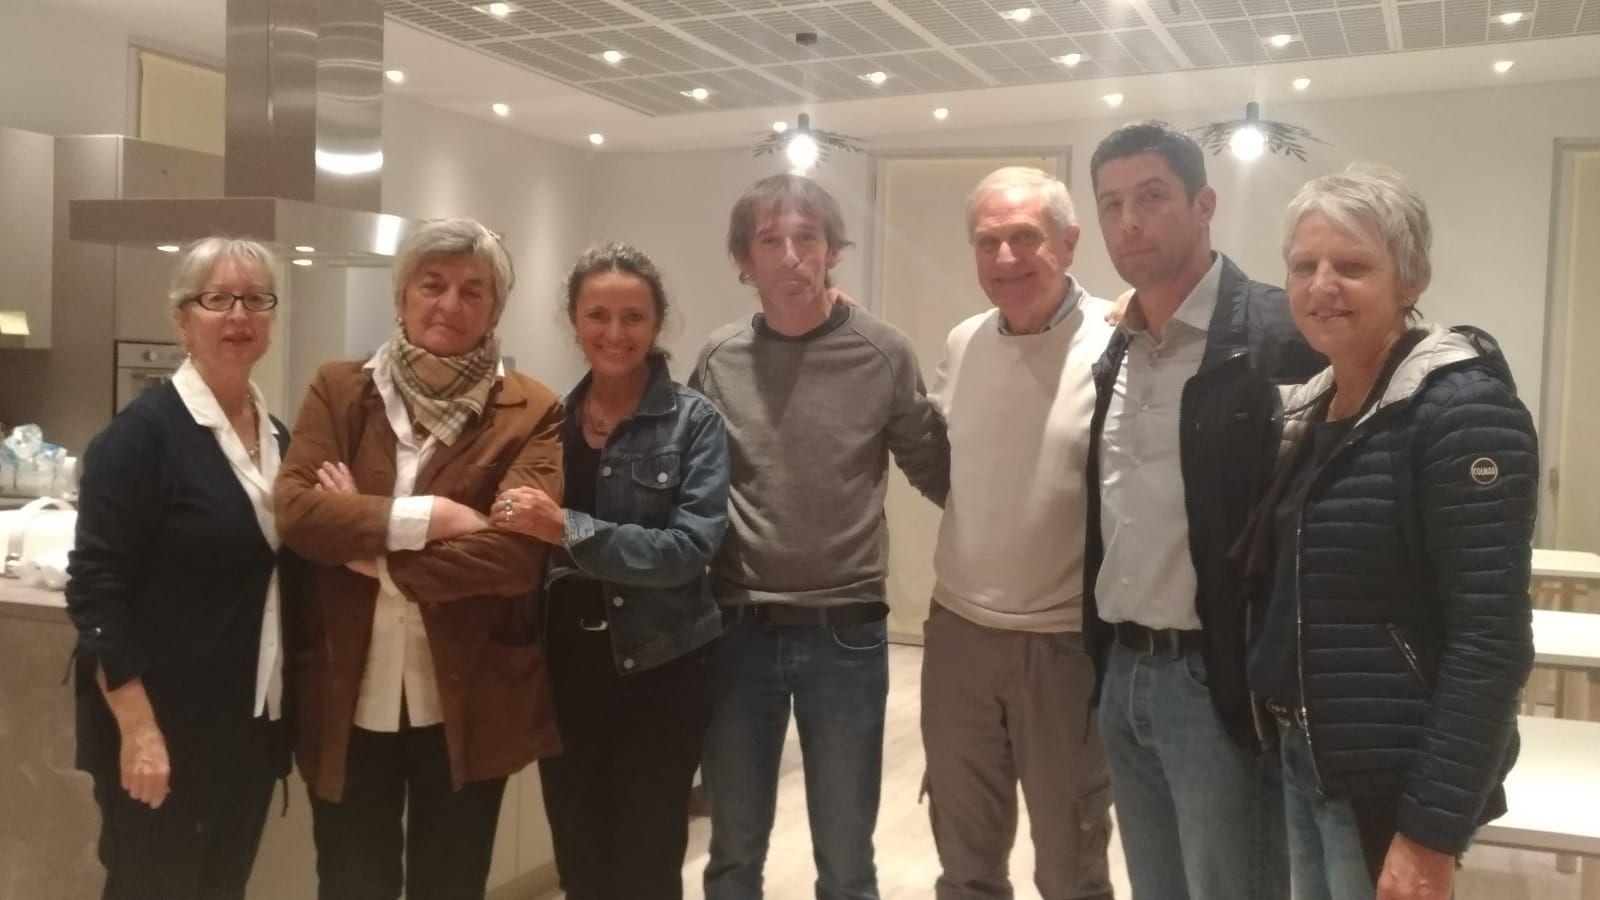 CASTELLAMONTE-SALERANO - «Cammin'Arte» ha fatto del bene: consegnati 3610 euro a «Casa Insieme»